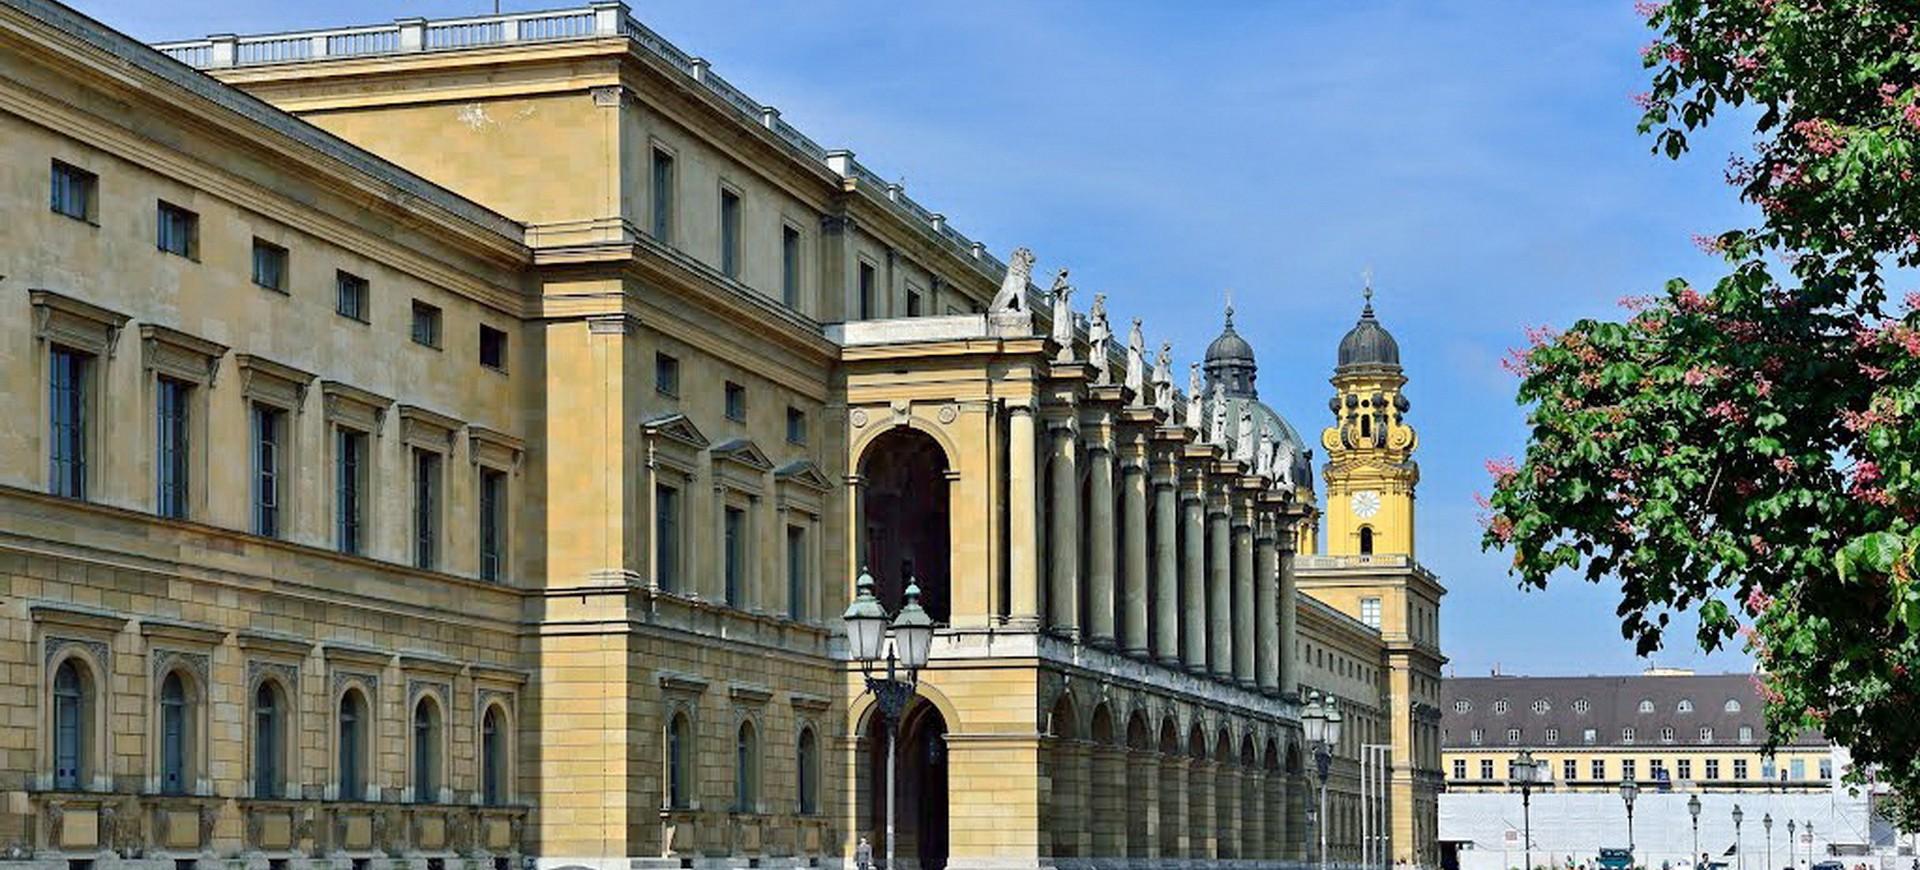 Allemagne Munich Musee Residenz